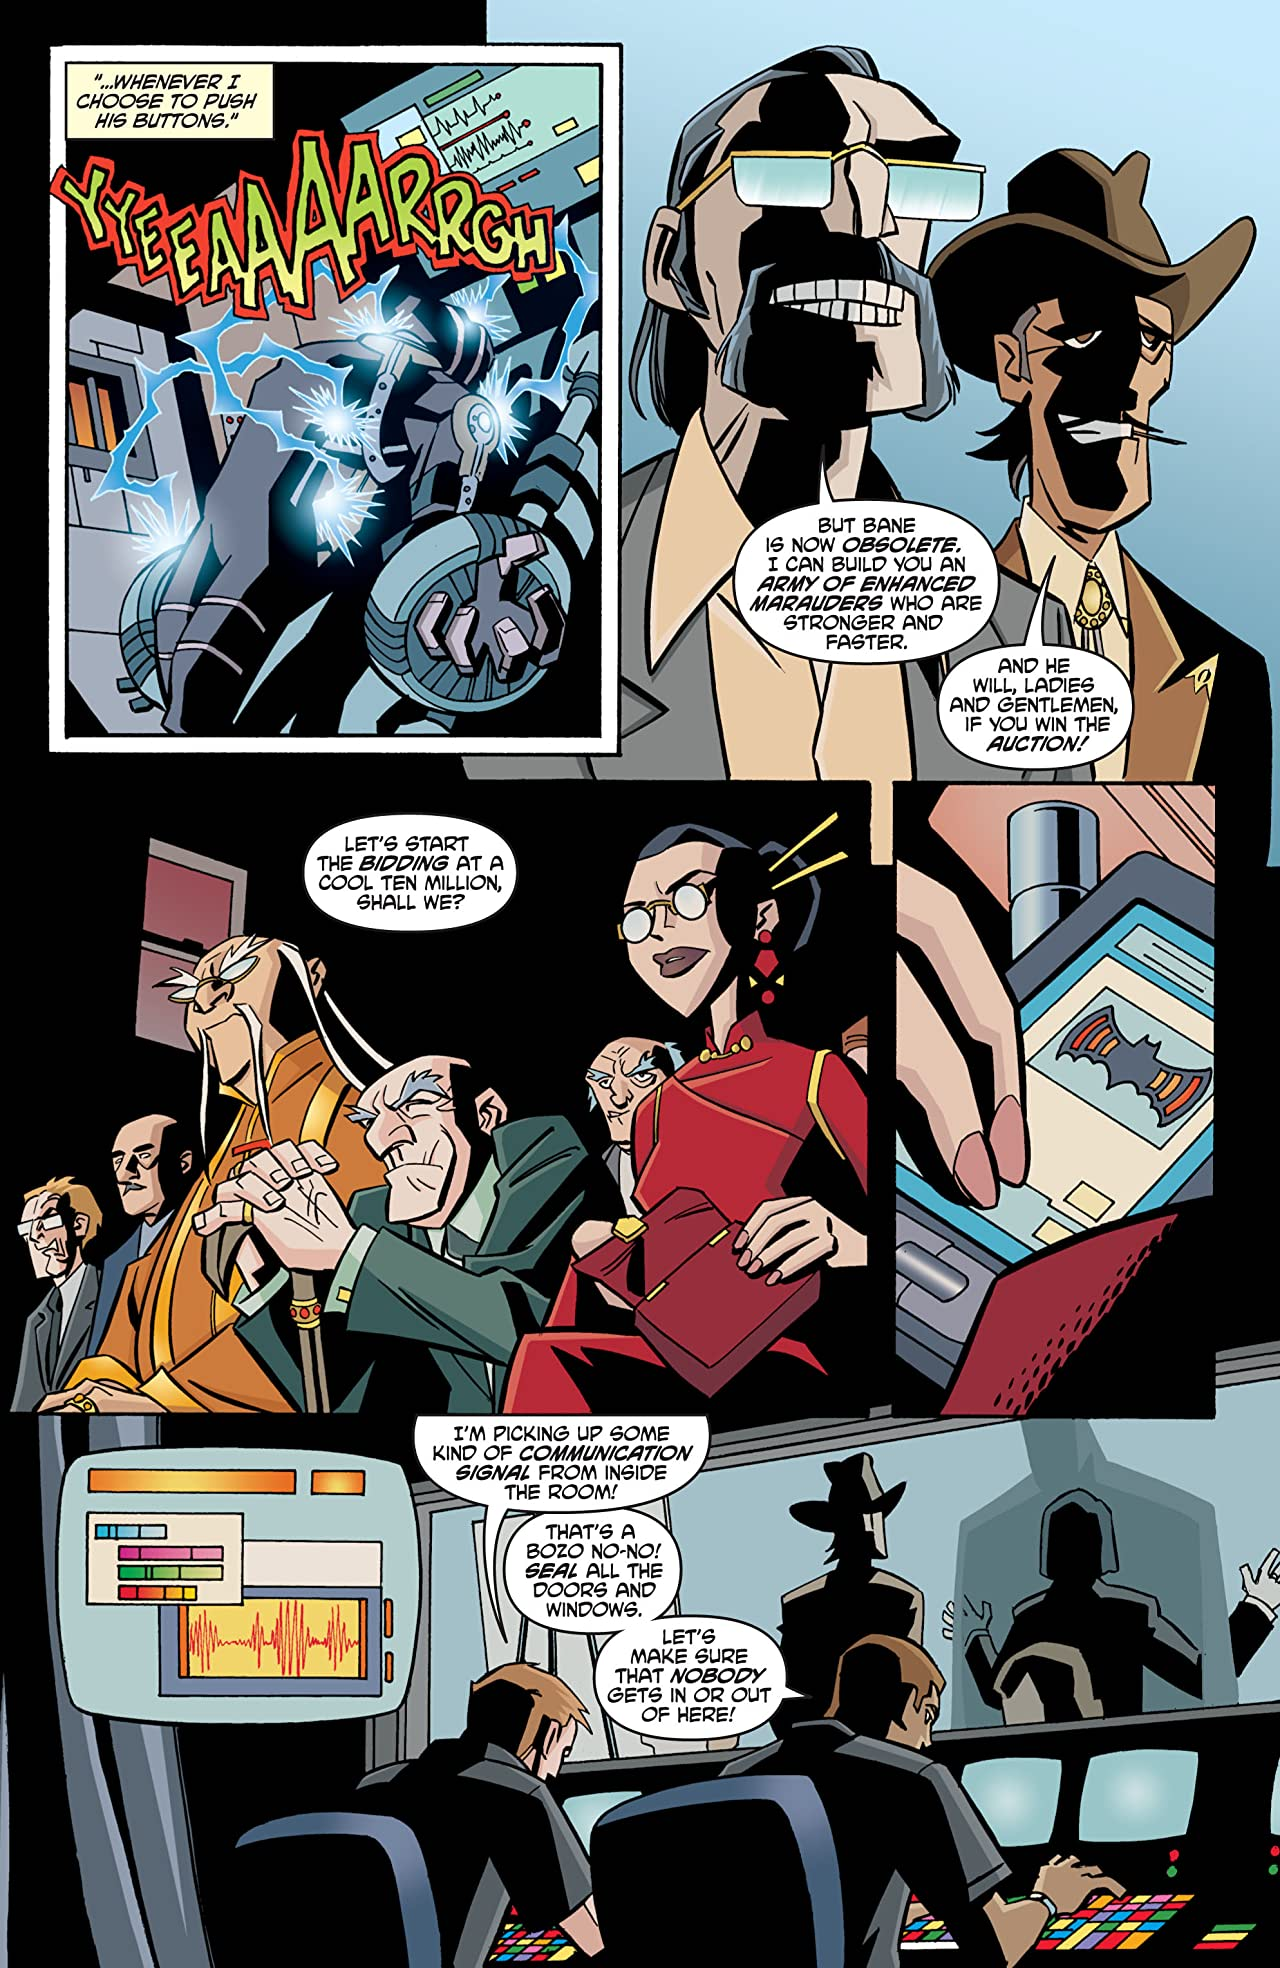 The Batman Strikes! #12